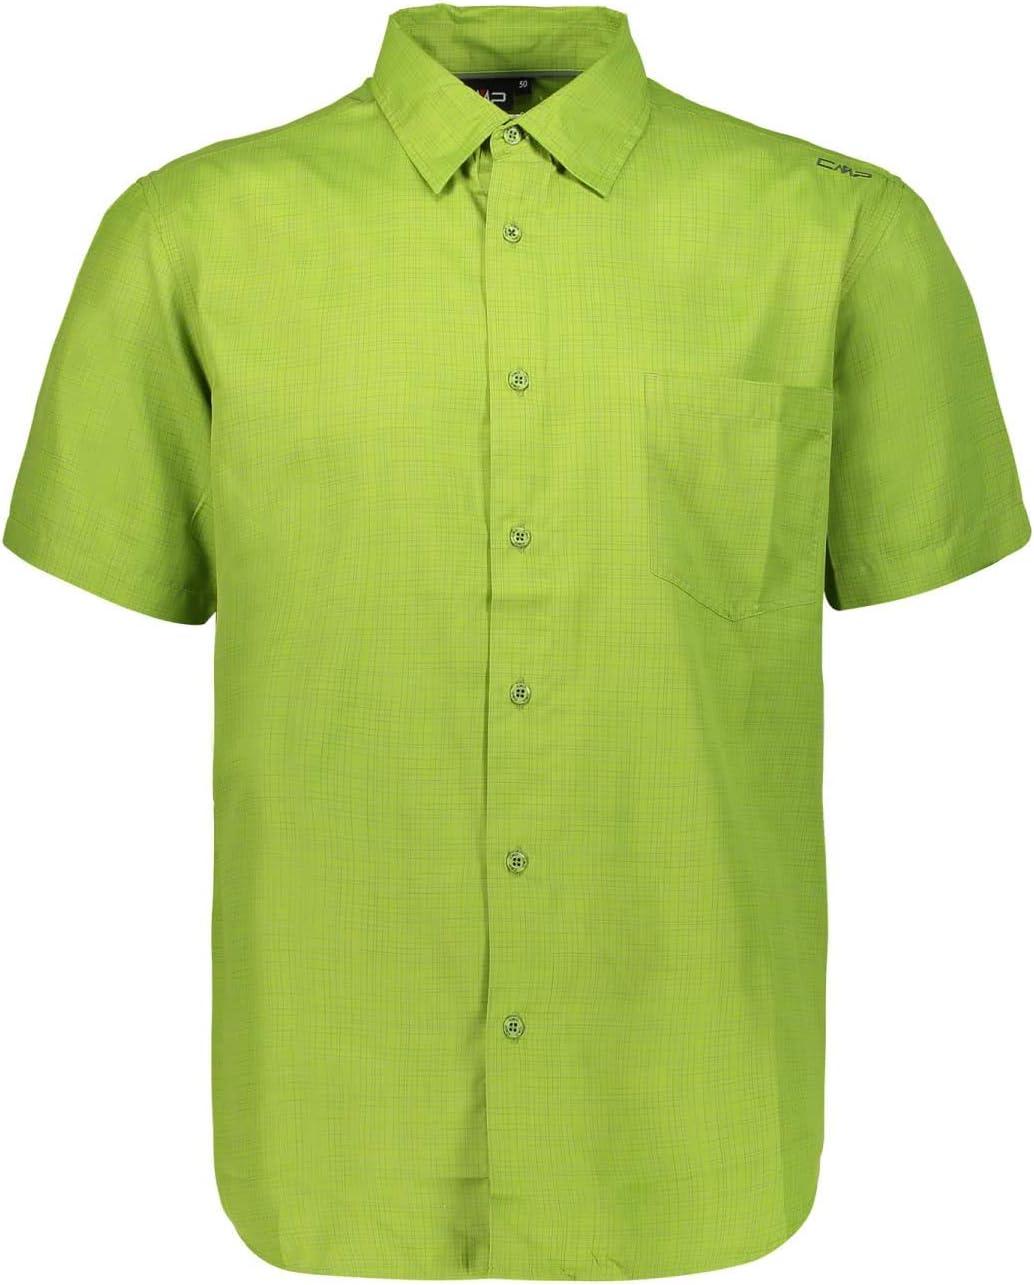 CMP Camicia A Maniche Corte con Tecnologia Dry Function Camisa, Hombre